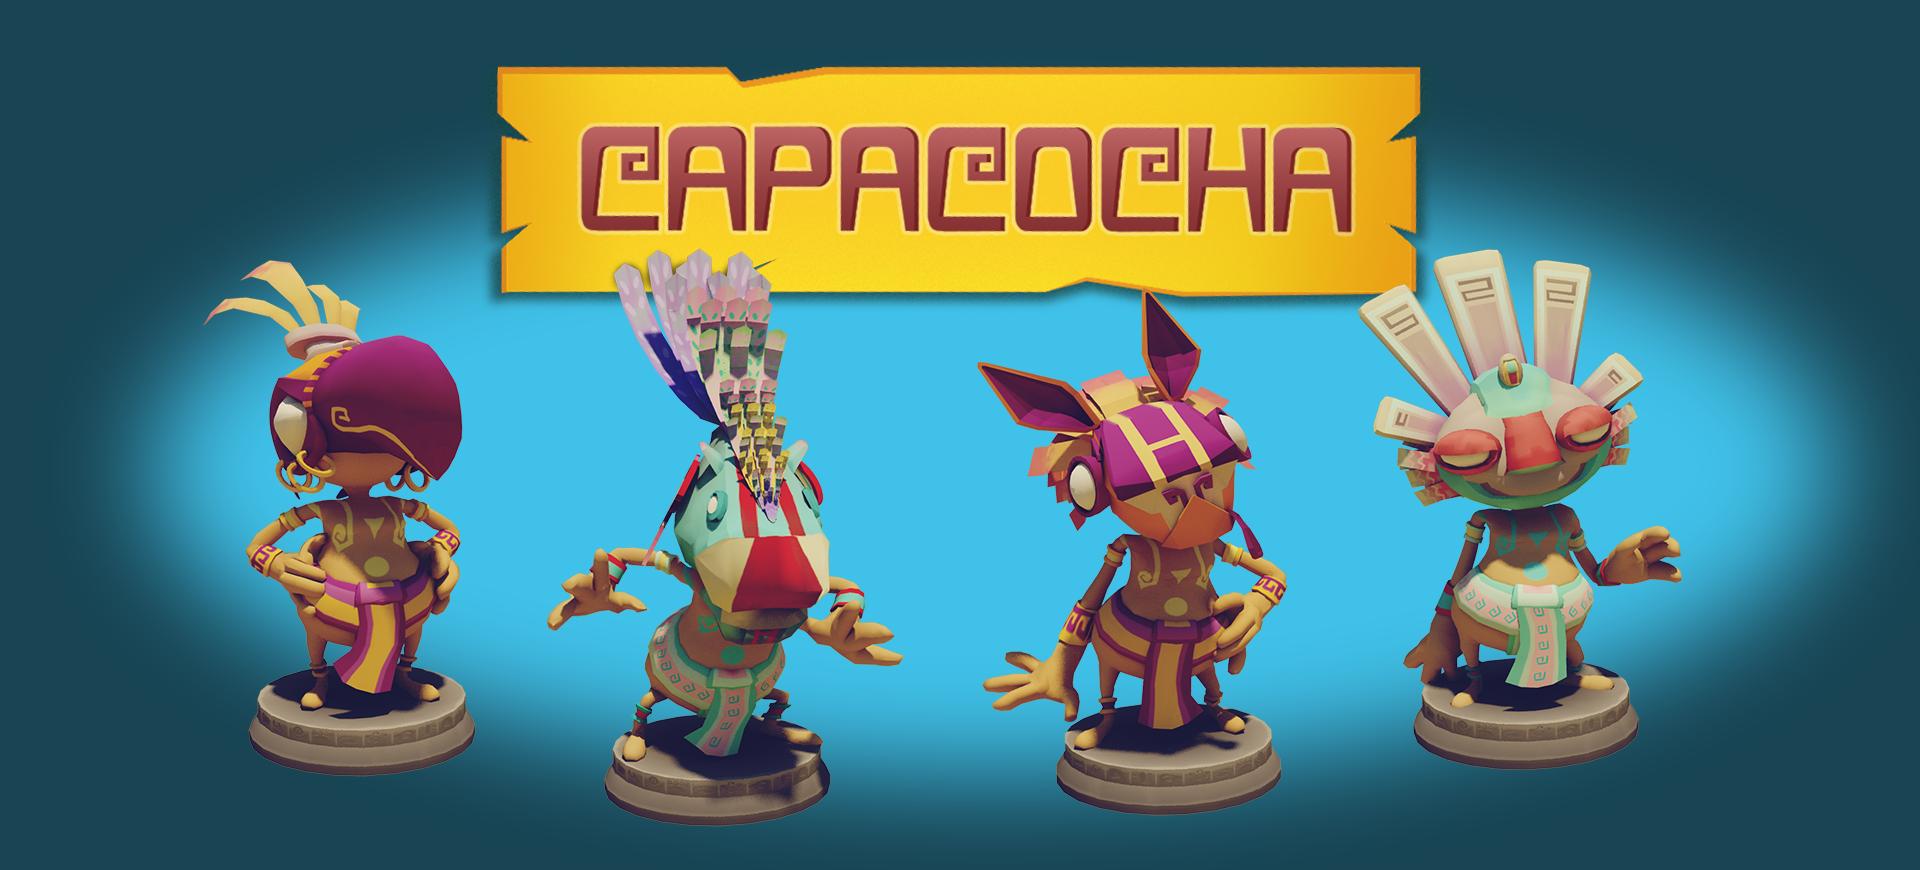 CAPACOCHA